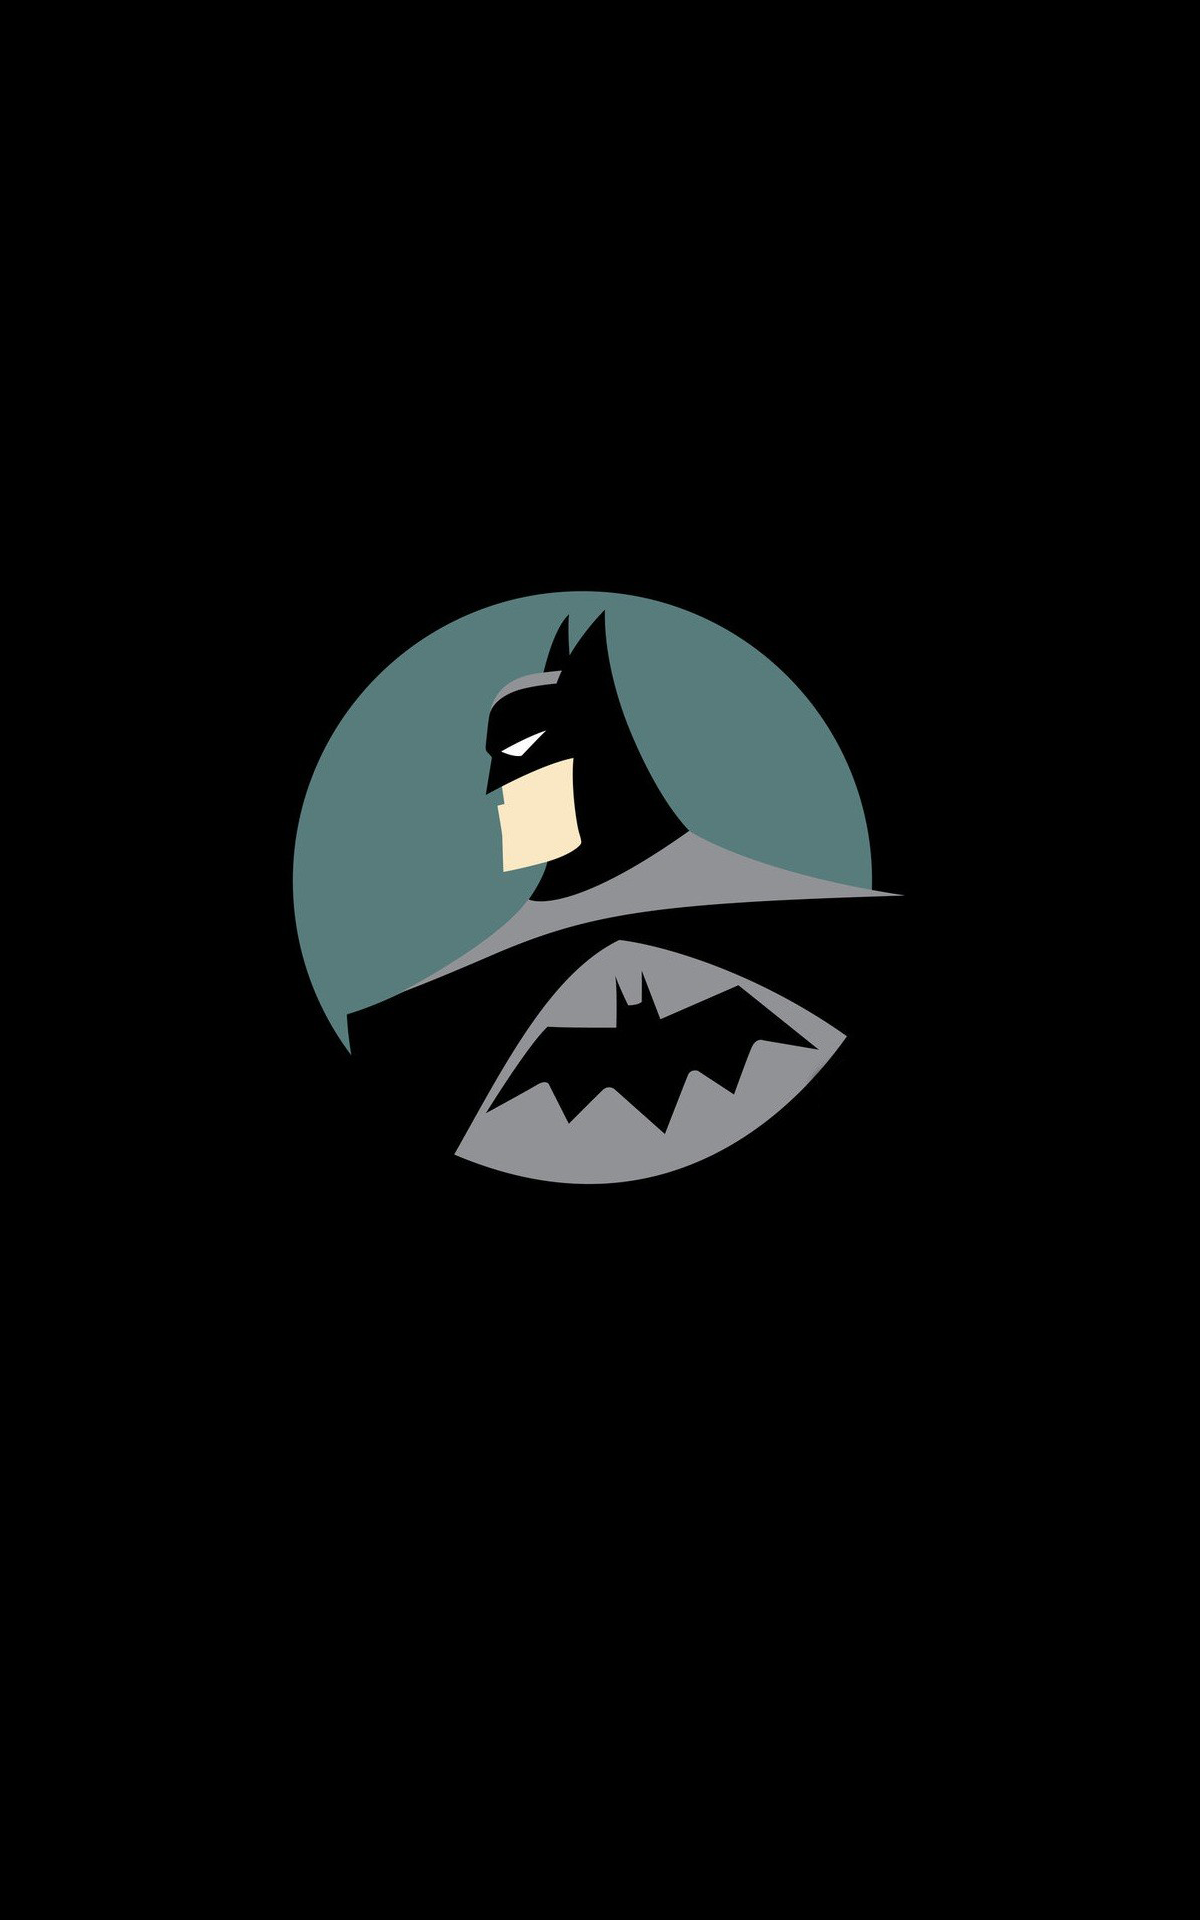 Batman Dc Comics Superhero Minimalism Portrait Display Wallpaper No 280078 Batman Wallpaper Batman Cartoon Batman Illustration